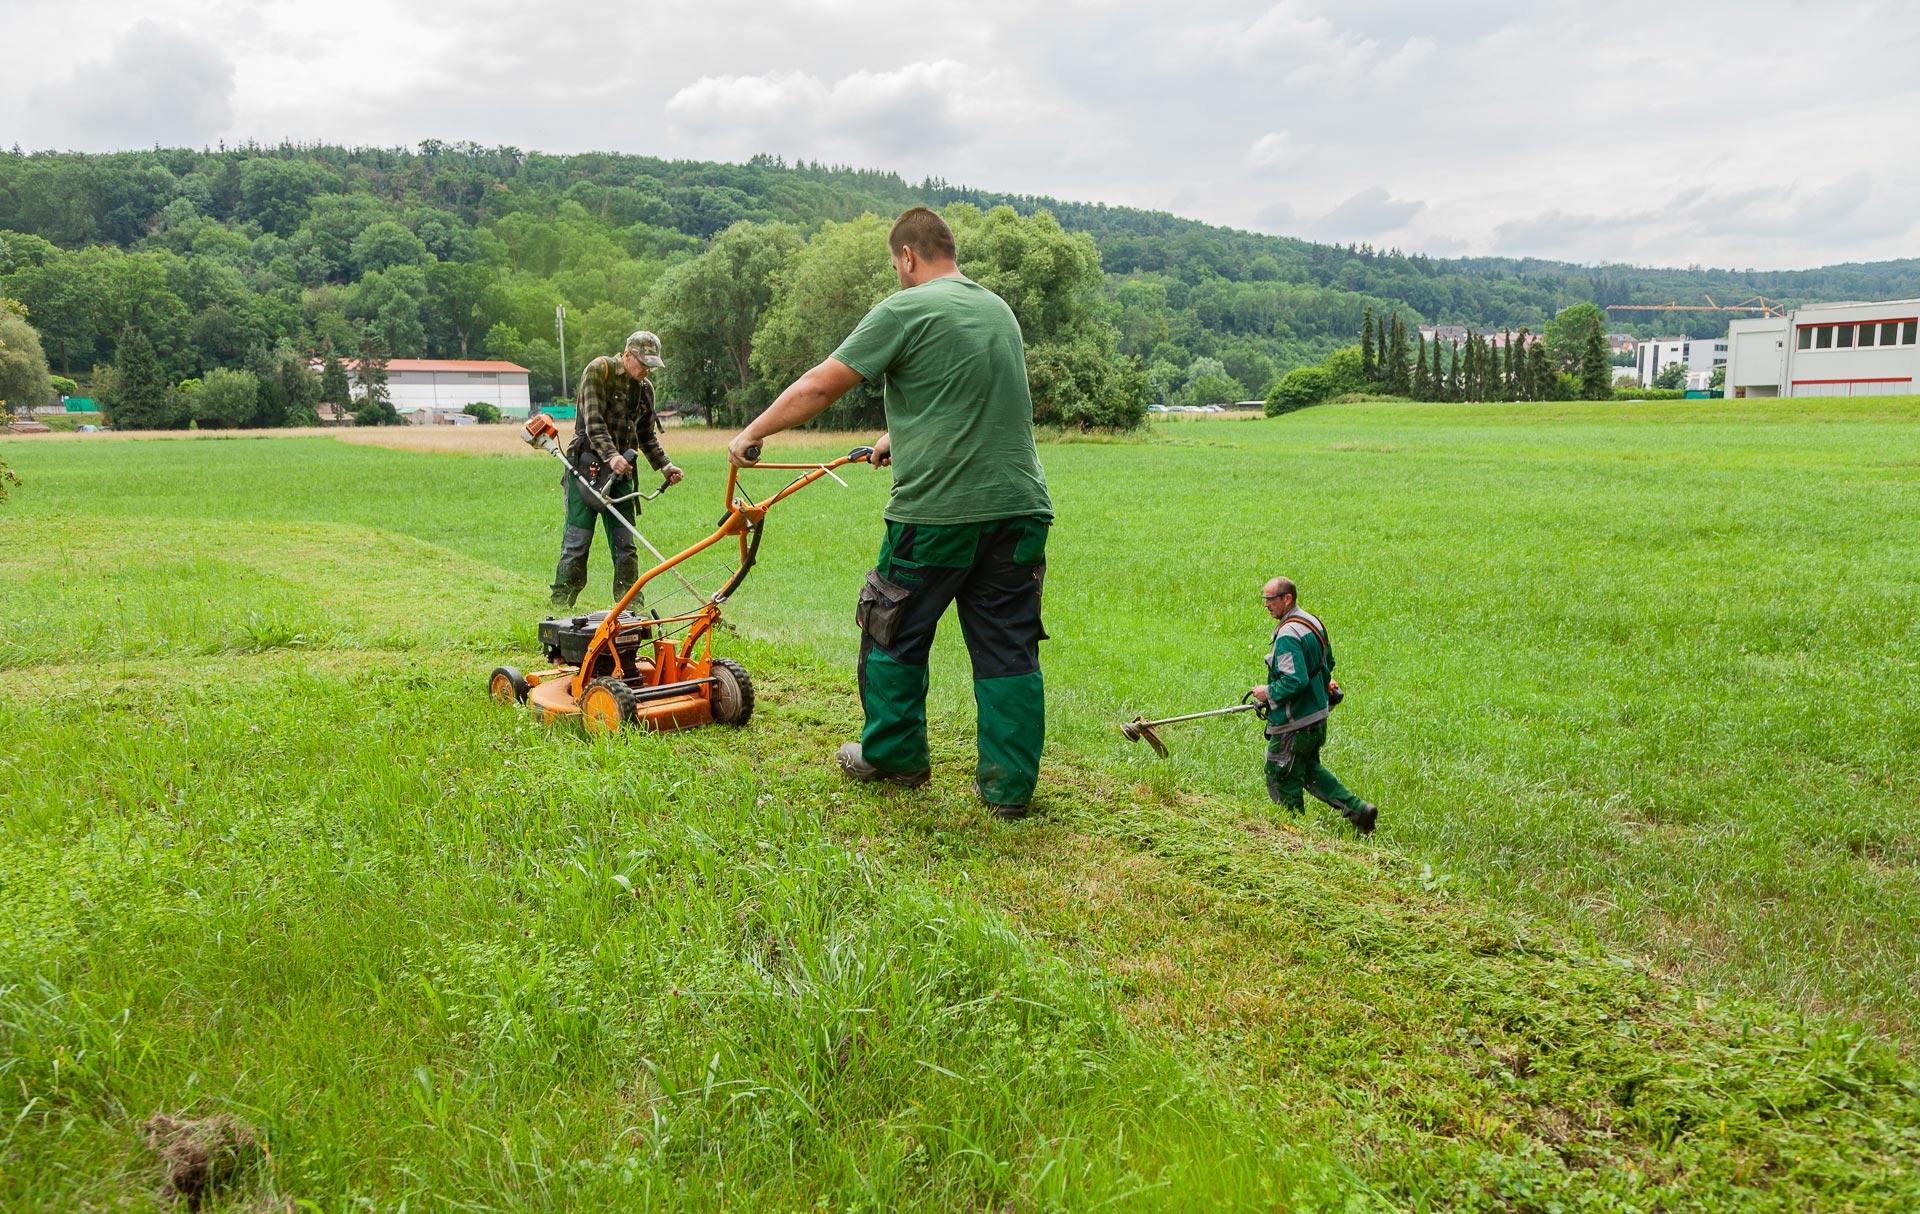 Garten-und Landschaftspflege